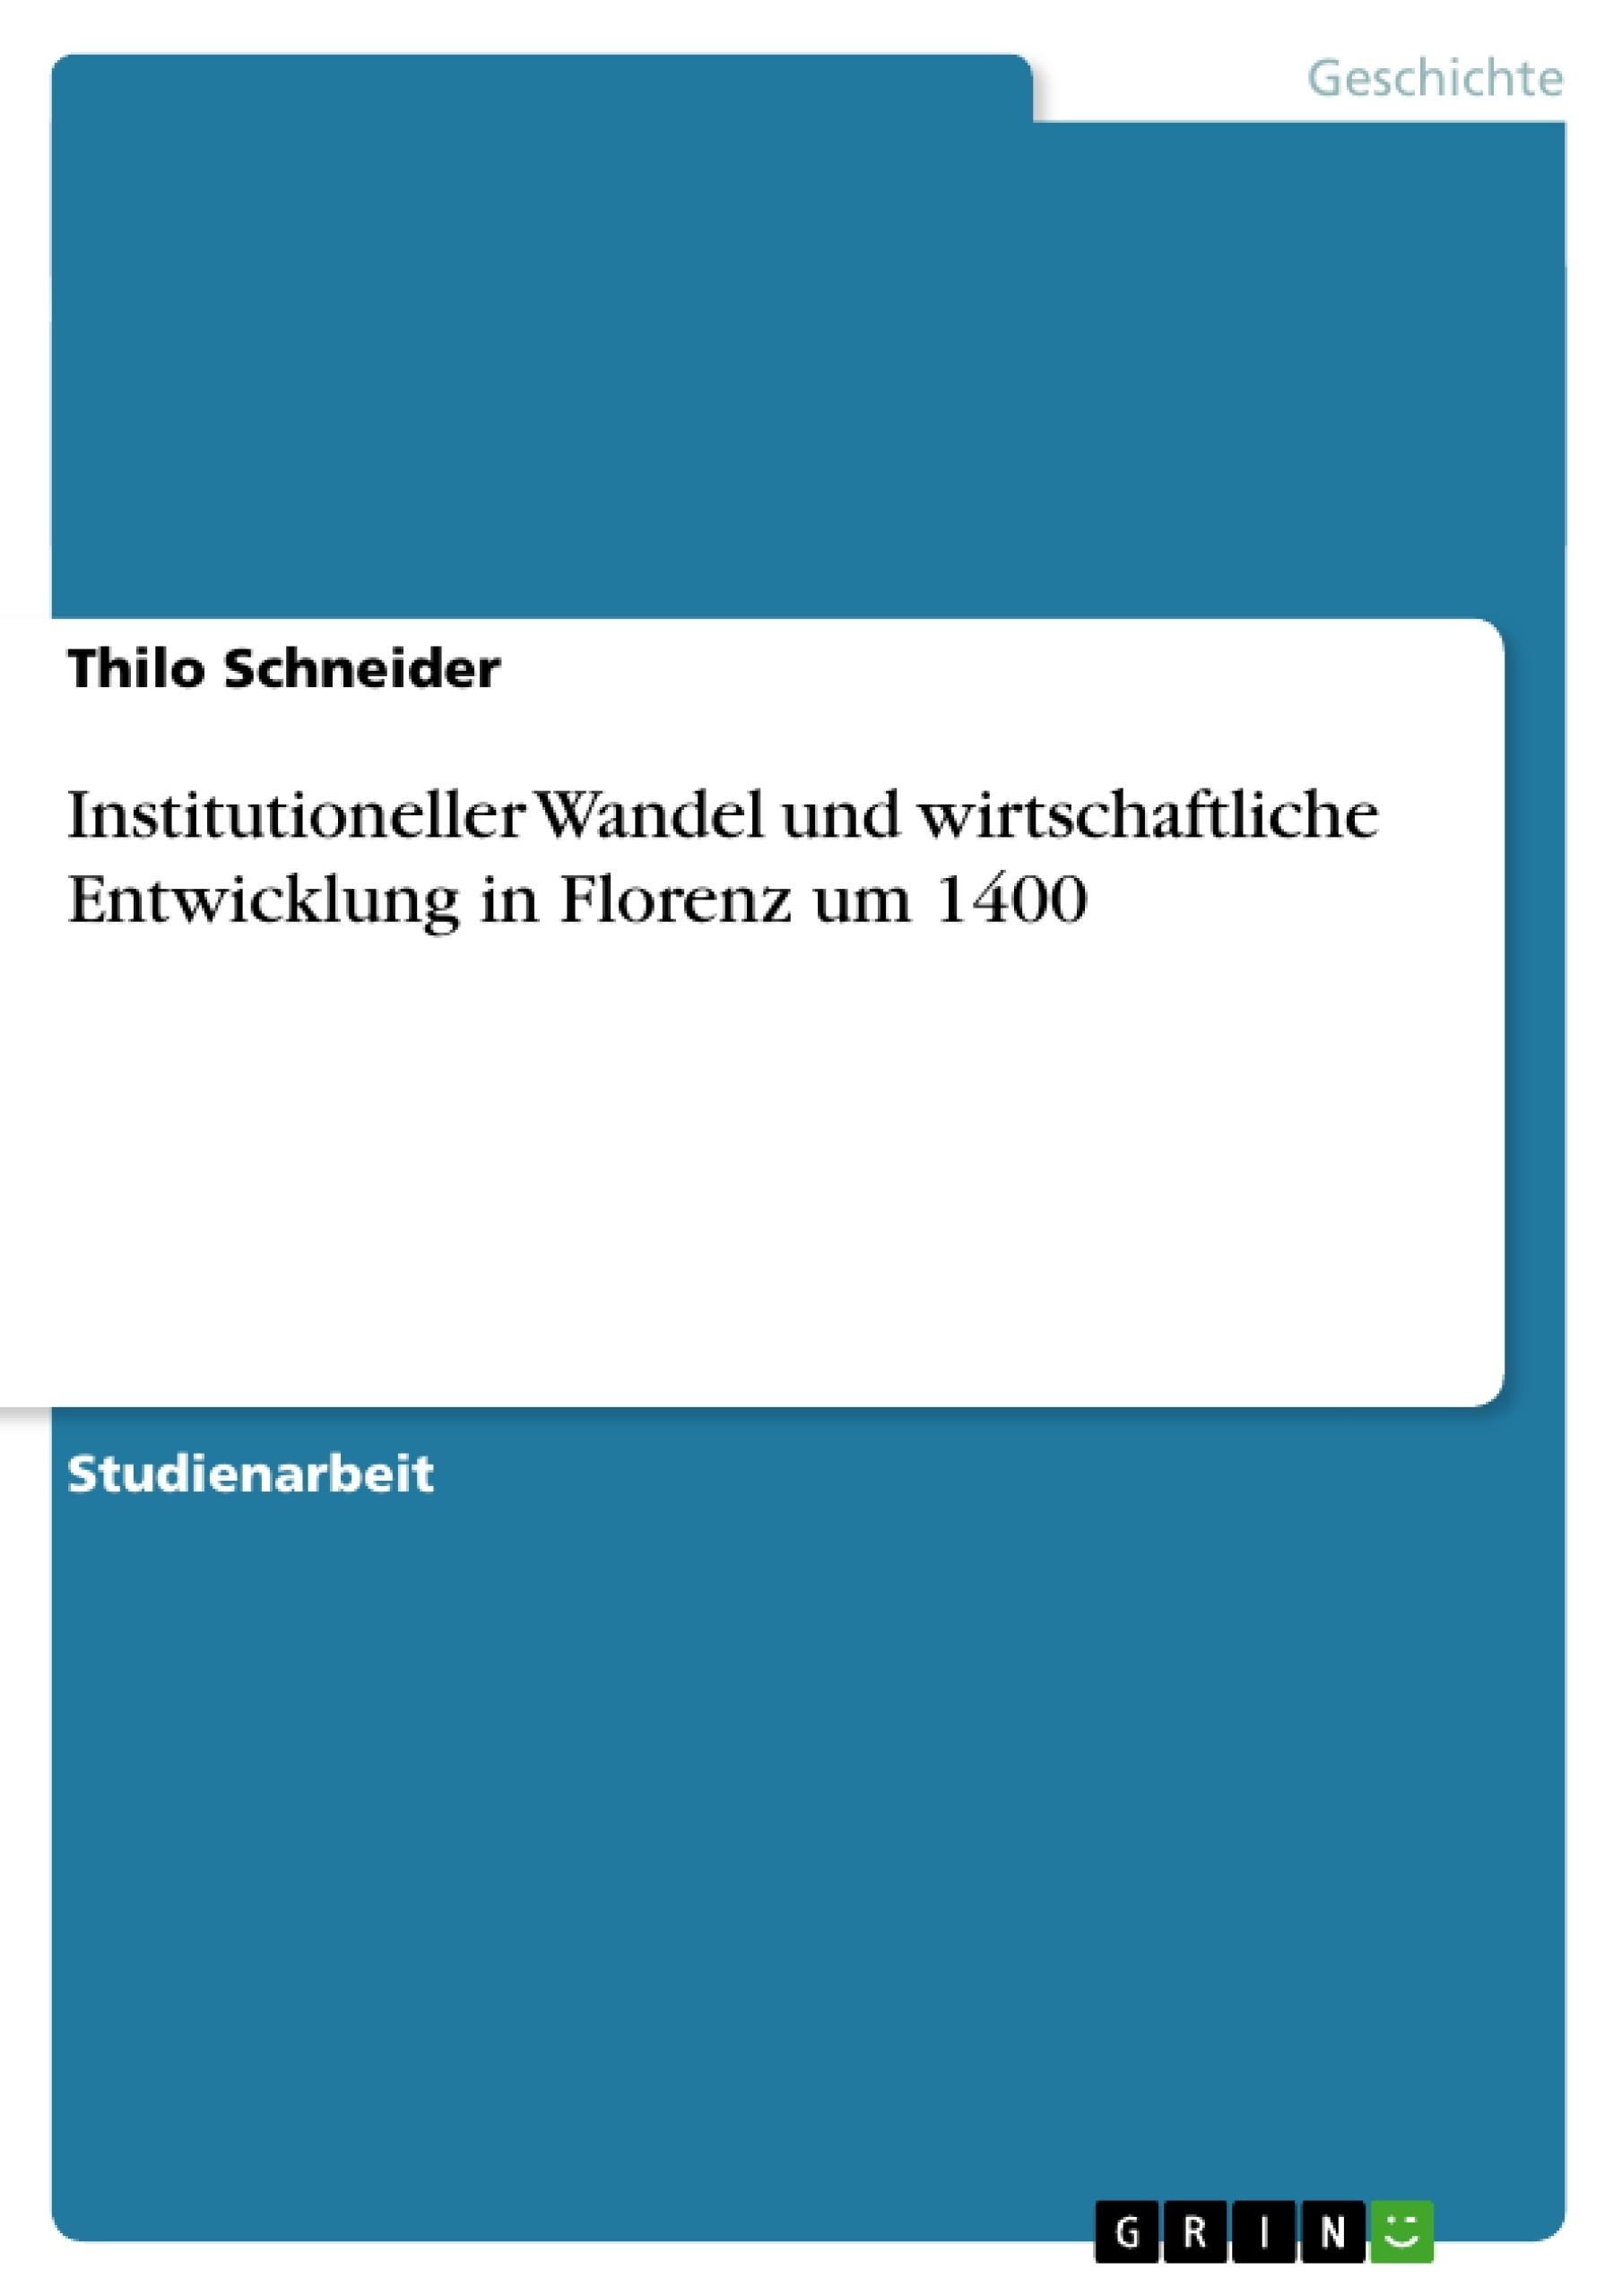 Titel: Institutioneller Wandel und wirtschaftliche Entwicklung in Florenz um 1400